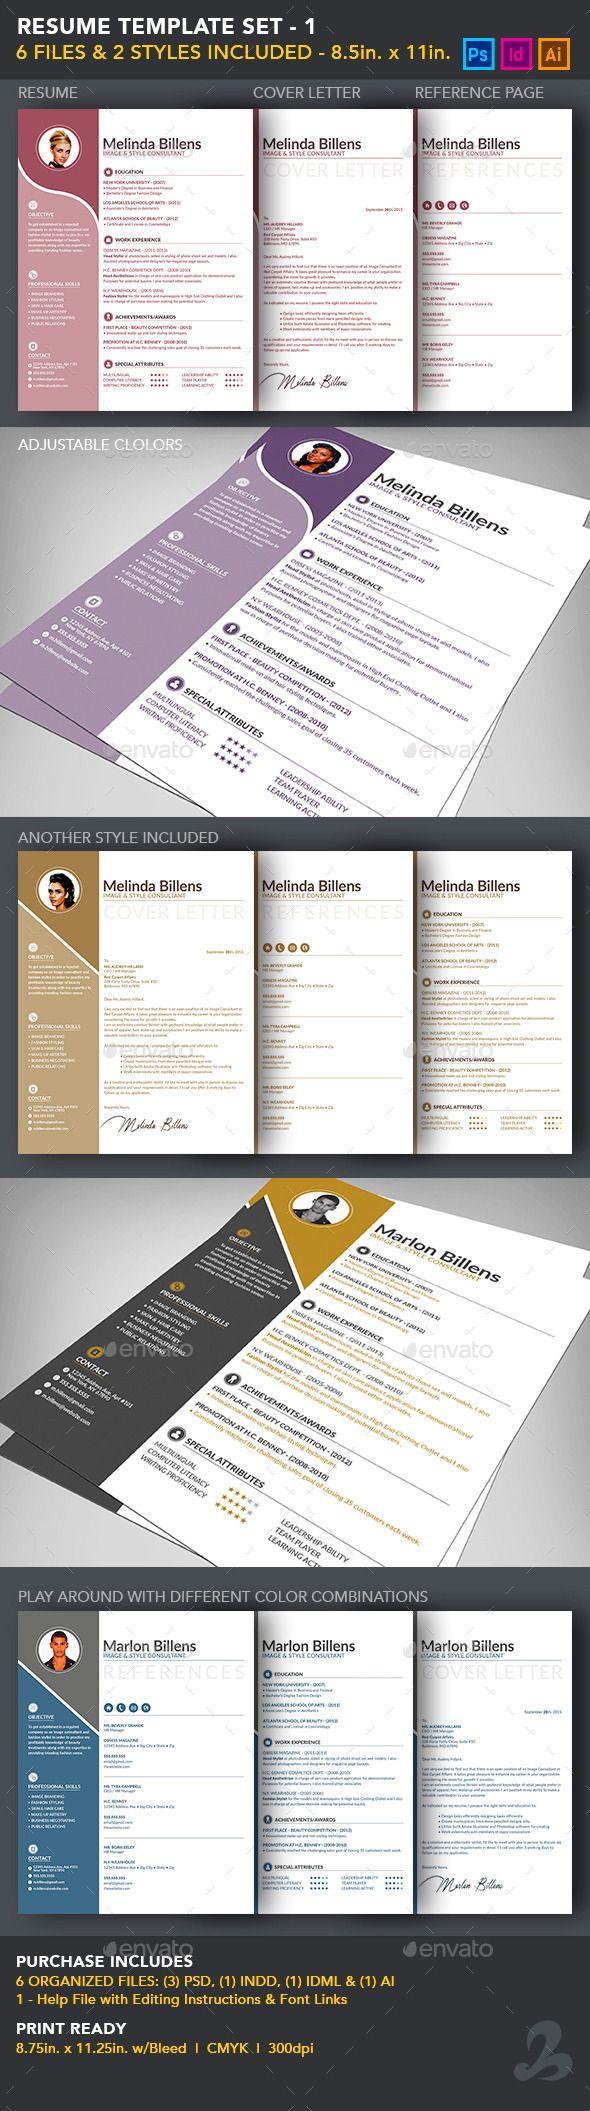 372 Best Job Images On Pinterest Cv Design Resume Design And